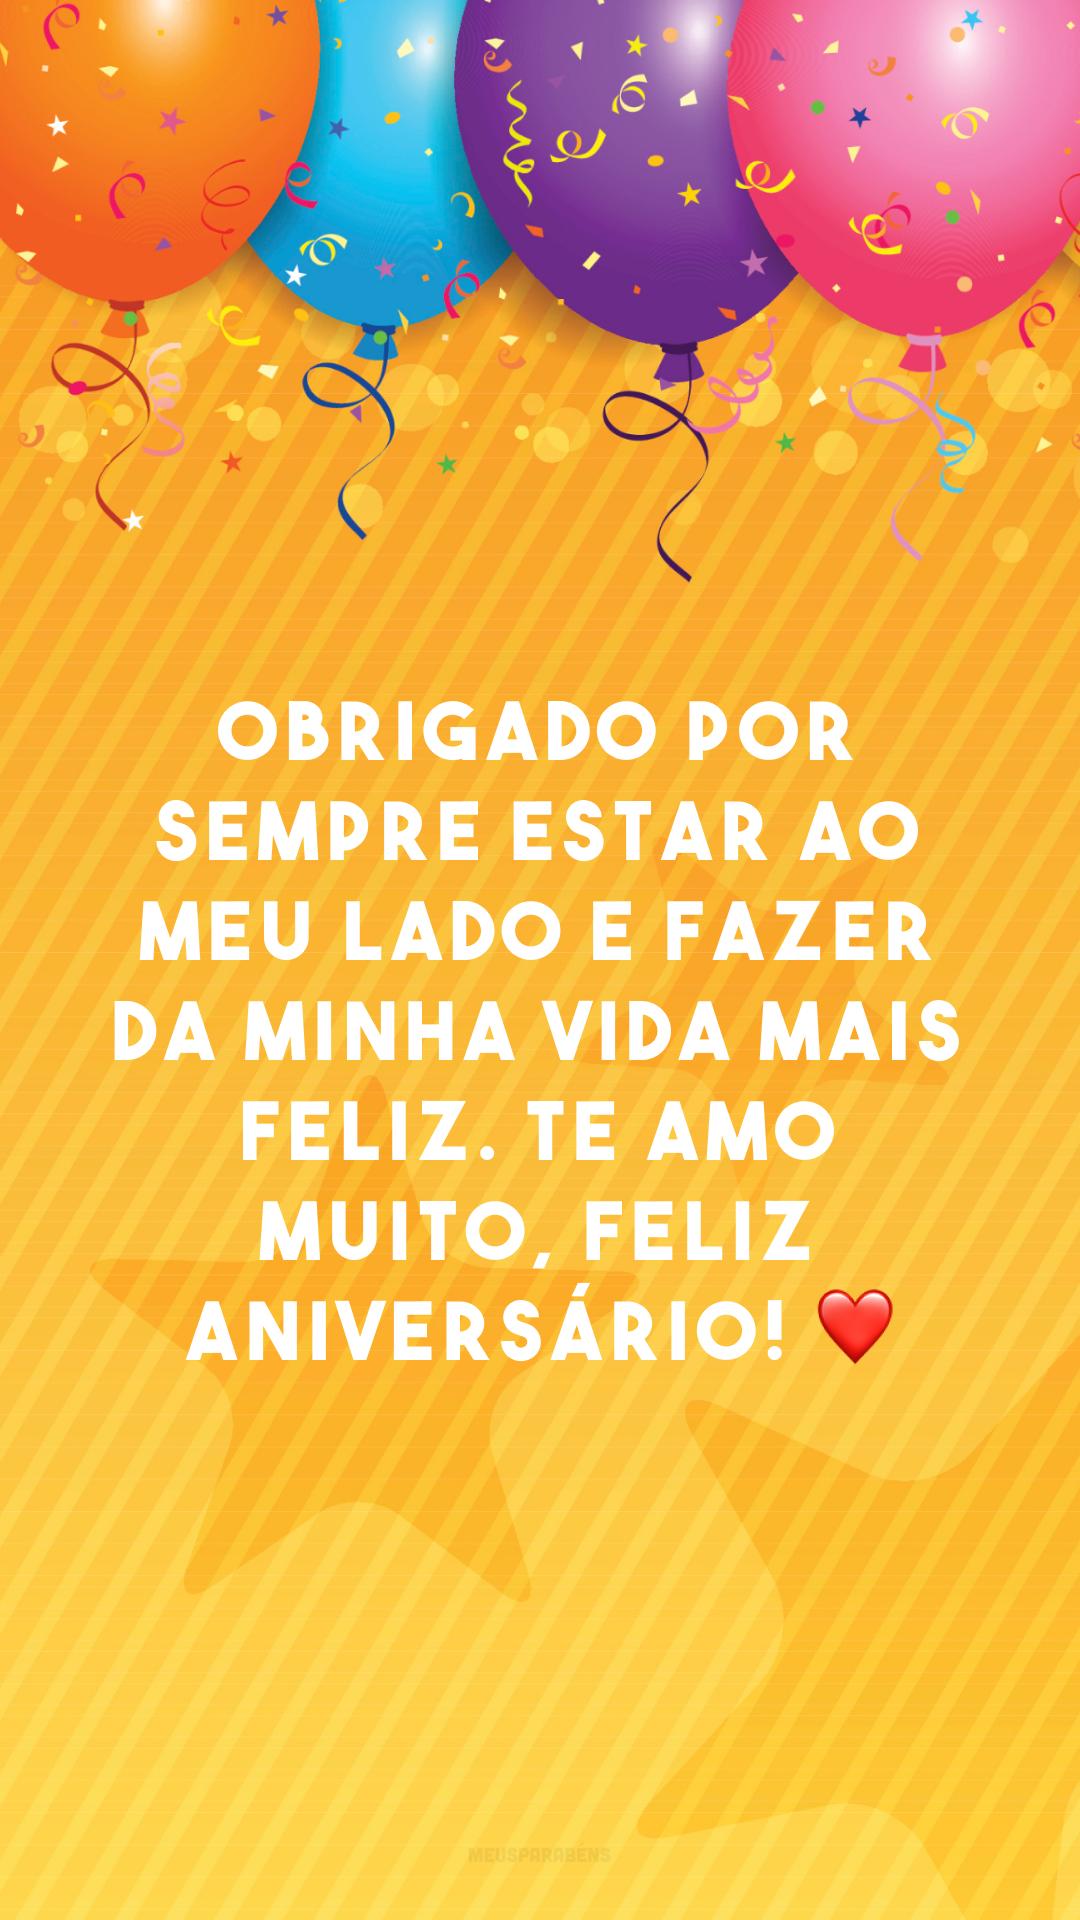 Obrigado por sempre estar ao meu lado e fazer da minha vida mais feliz. Te amo muito, feliz aniversário! ❤